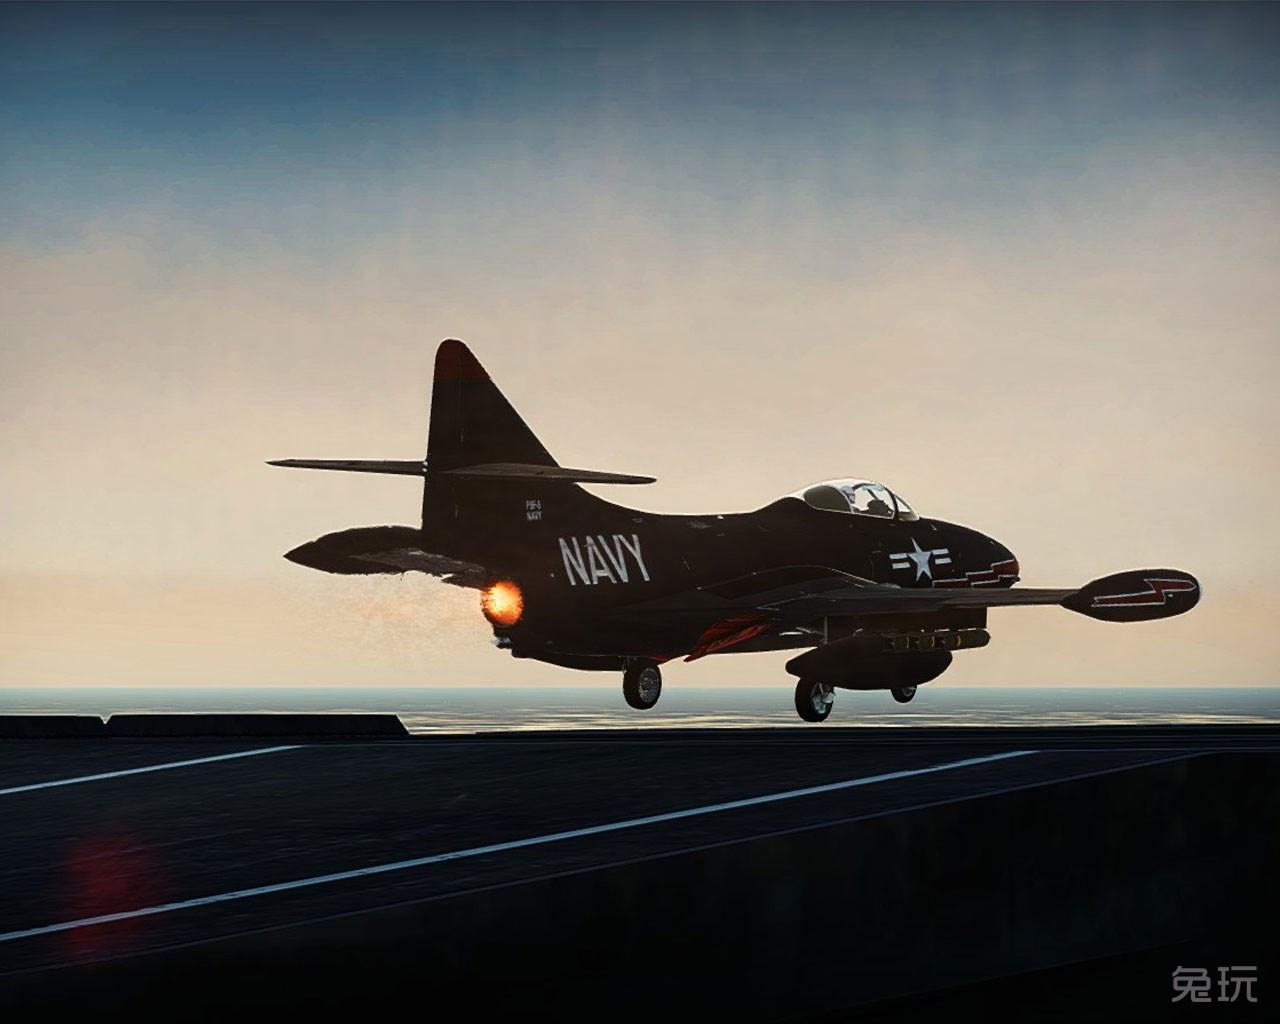 战争雷霆精美壁纸 二战飞机重出江湖(8)